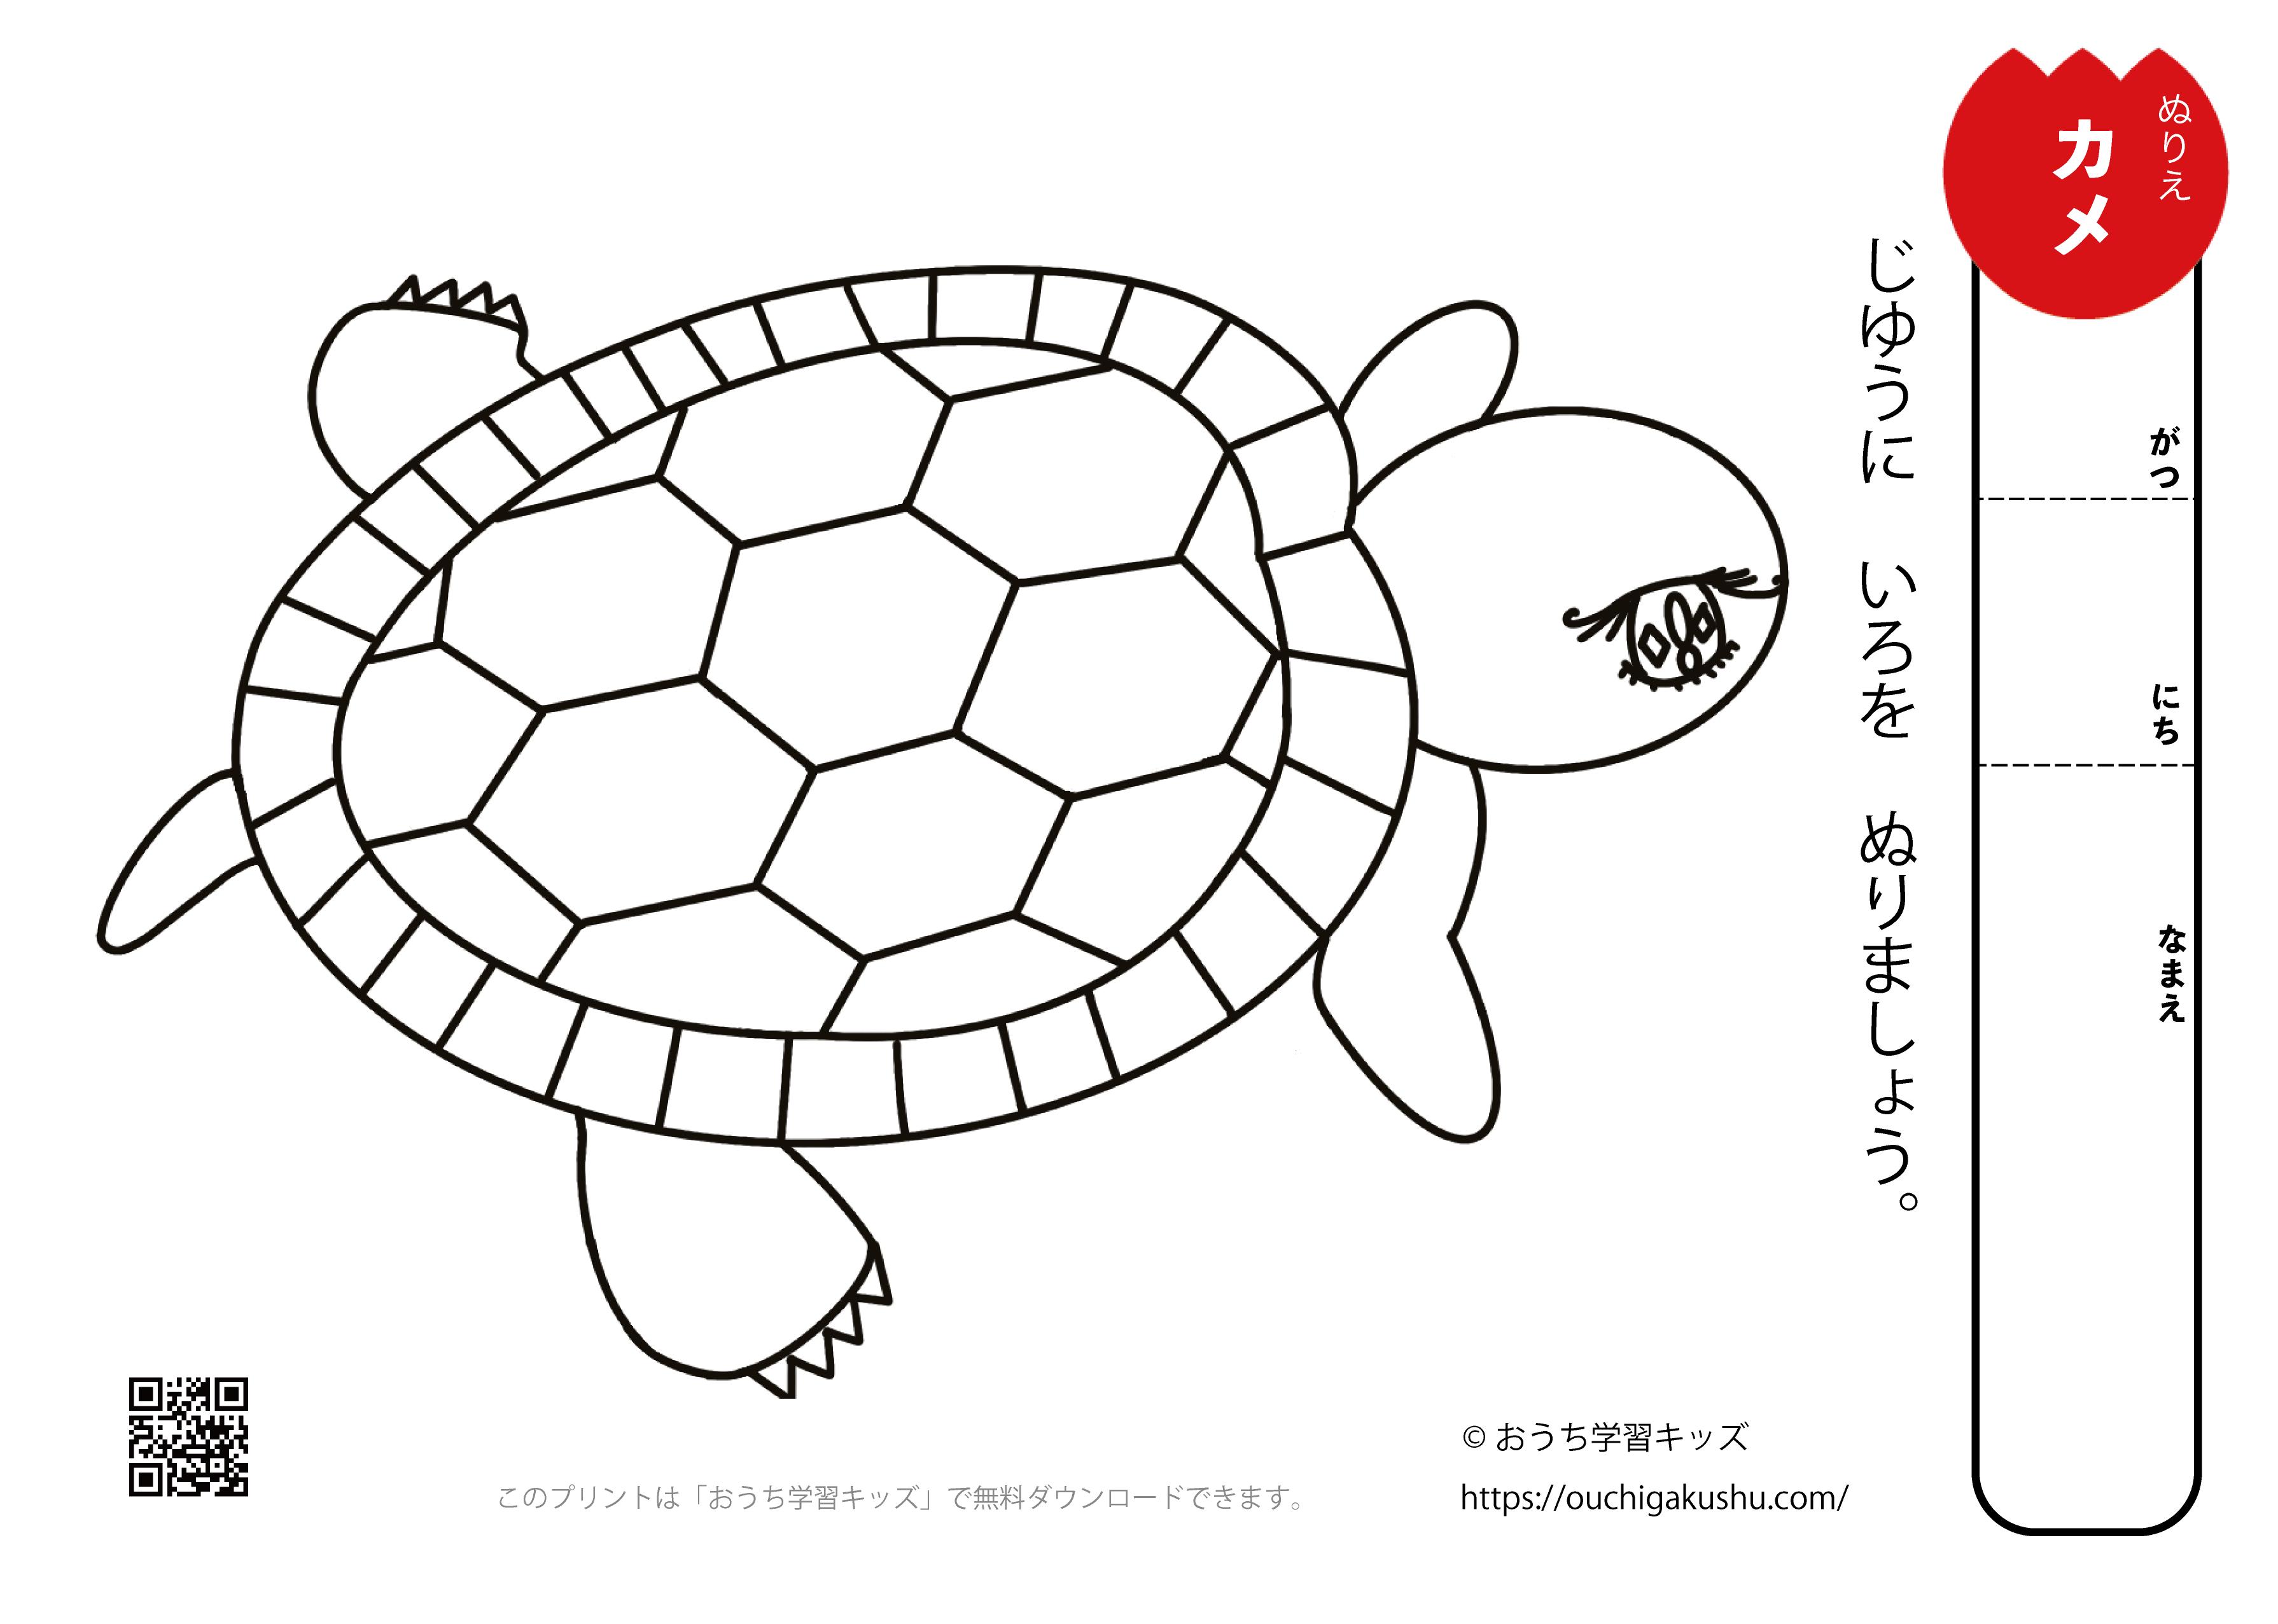 無料ぬりえプリント「カメ(亀)」